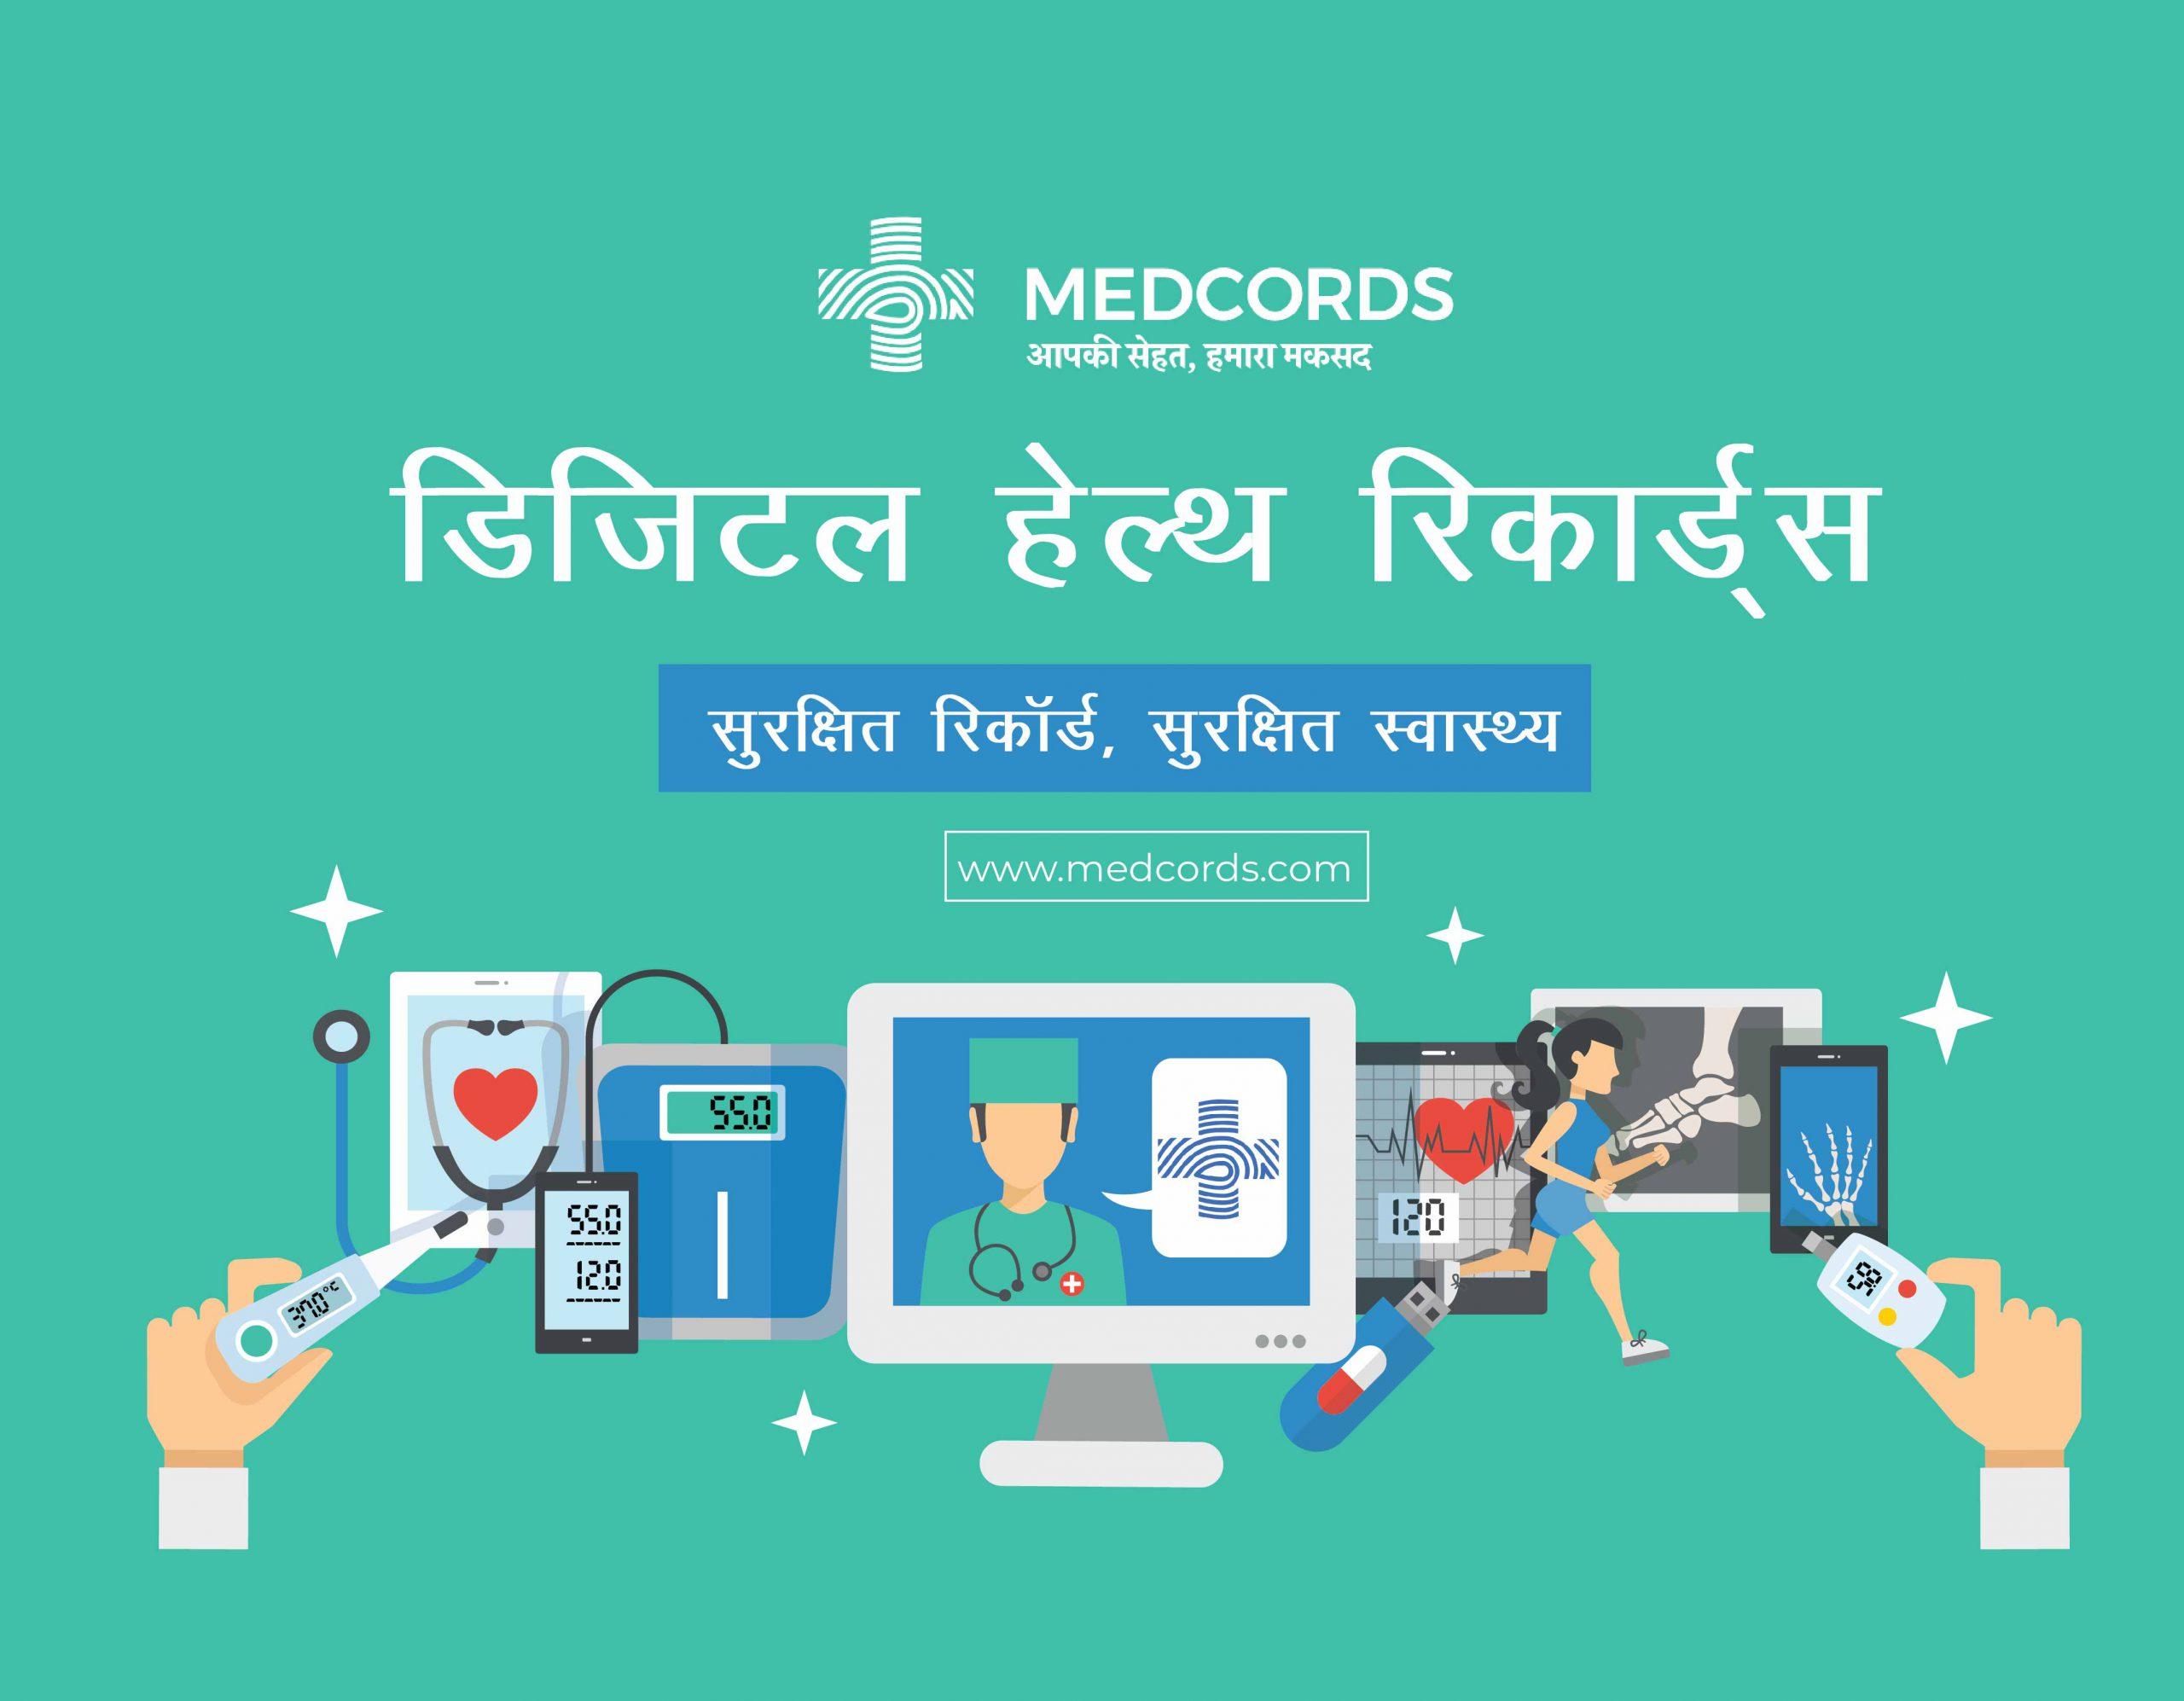 DIGITAL HEALTH RECORDS | रखें डिजिटल हेल्थ रिकार्ड्स व बचें आने वाले ख़तरों से